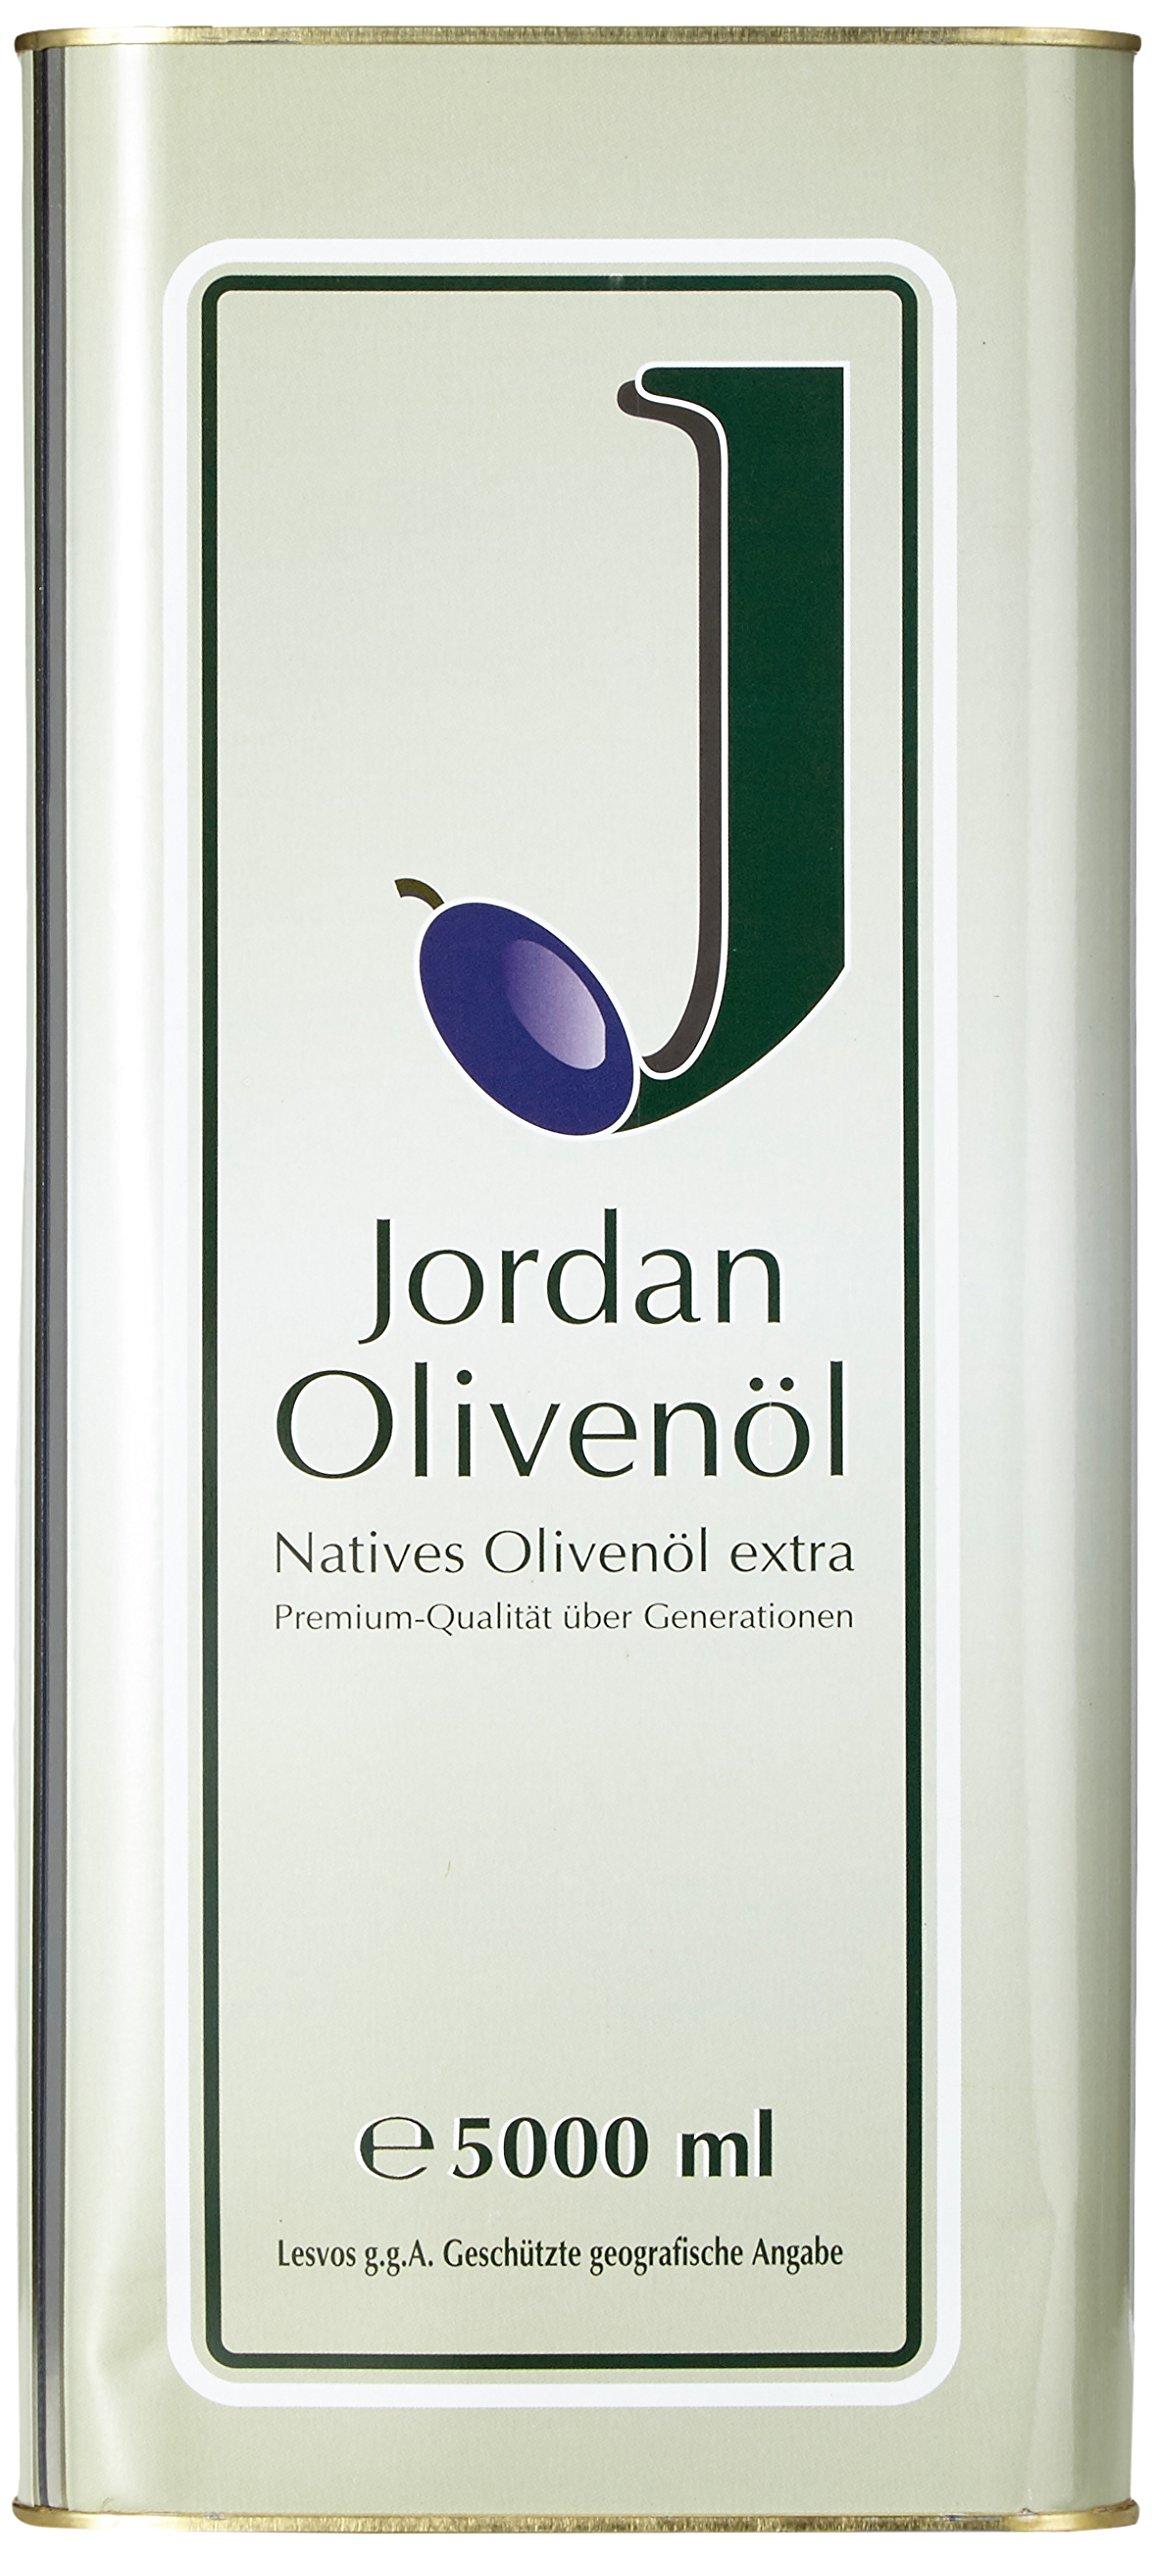 ever popular run shoes aliexpress Jordan Olivenöl Natives extra - 5,00L Kanister, 1er Pack (1 x 5 l)